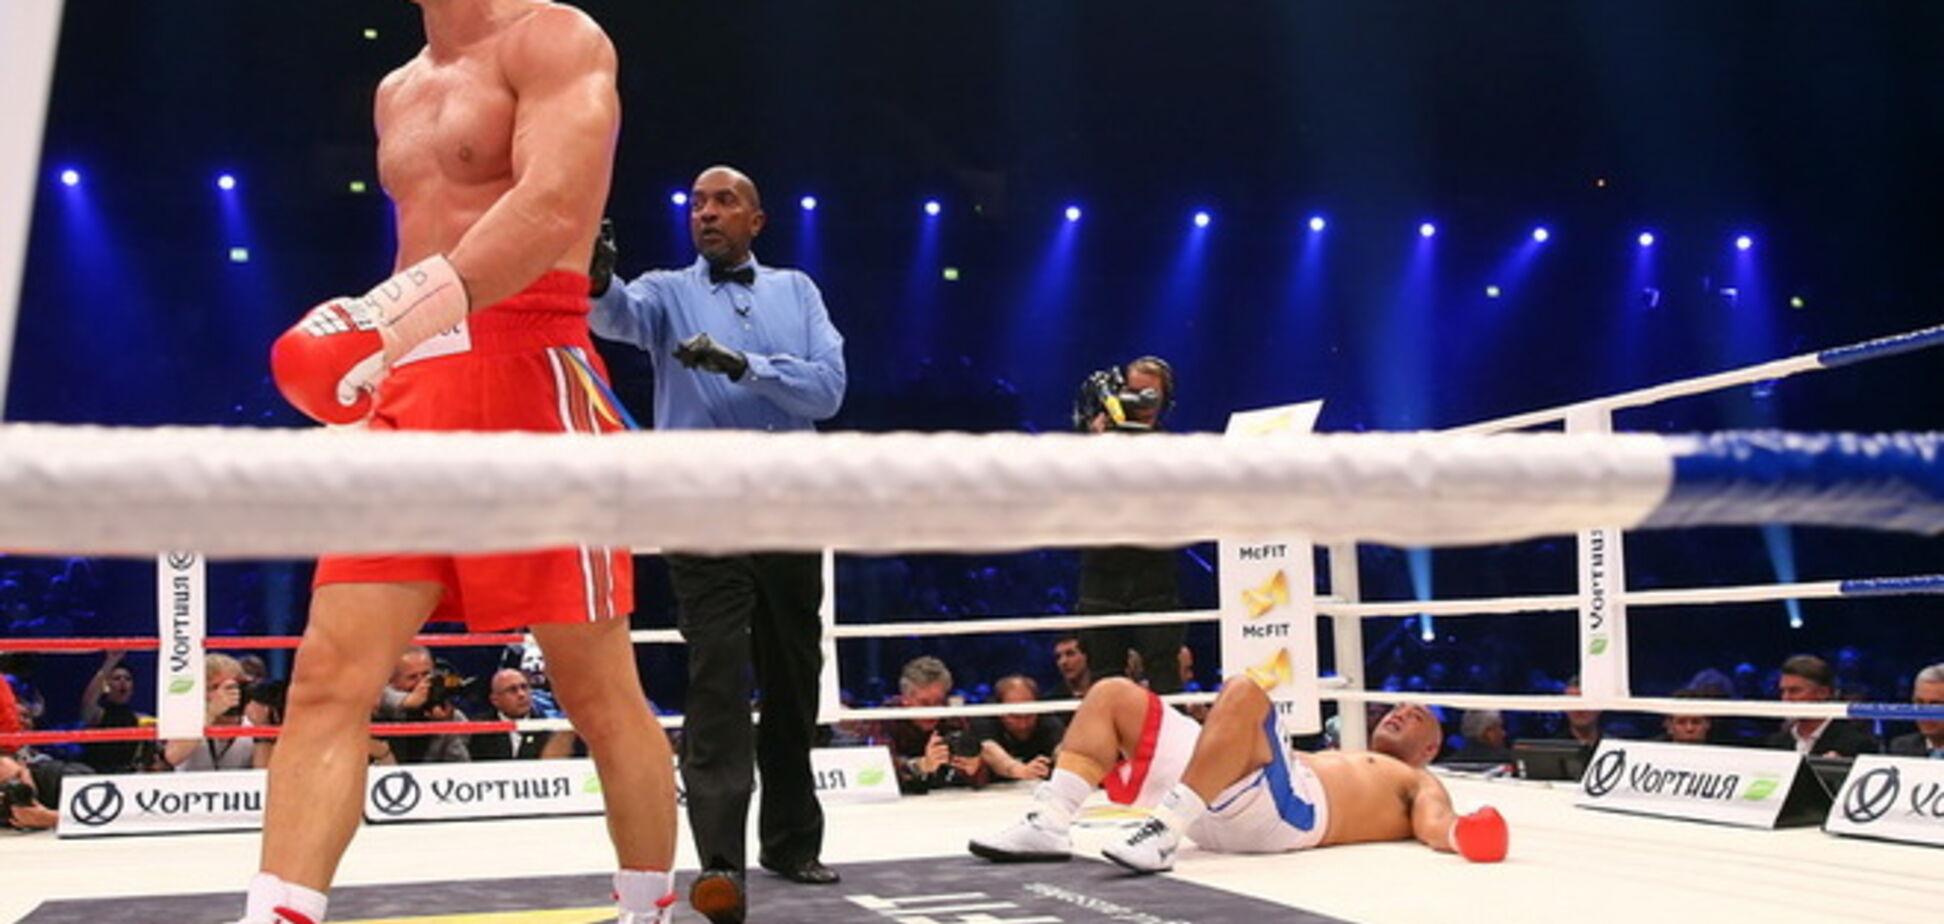 'Его может победить только он сам'. Как мировые СМИ оценили победу Кличко